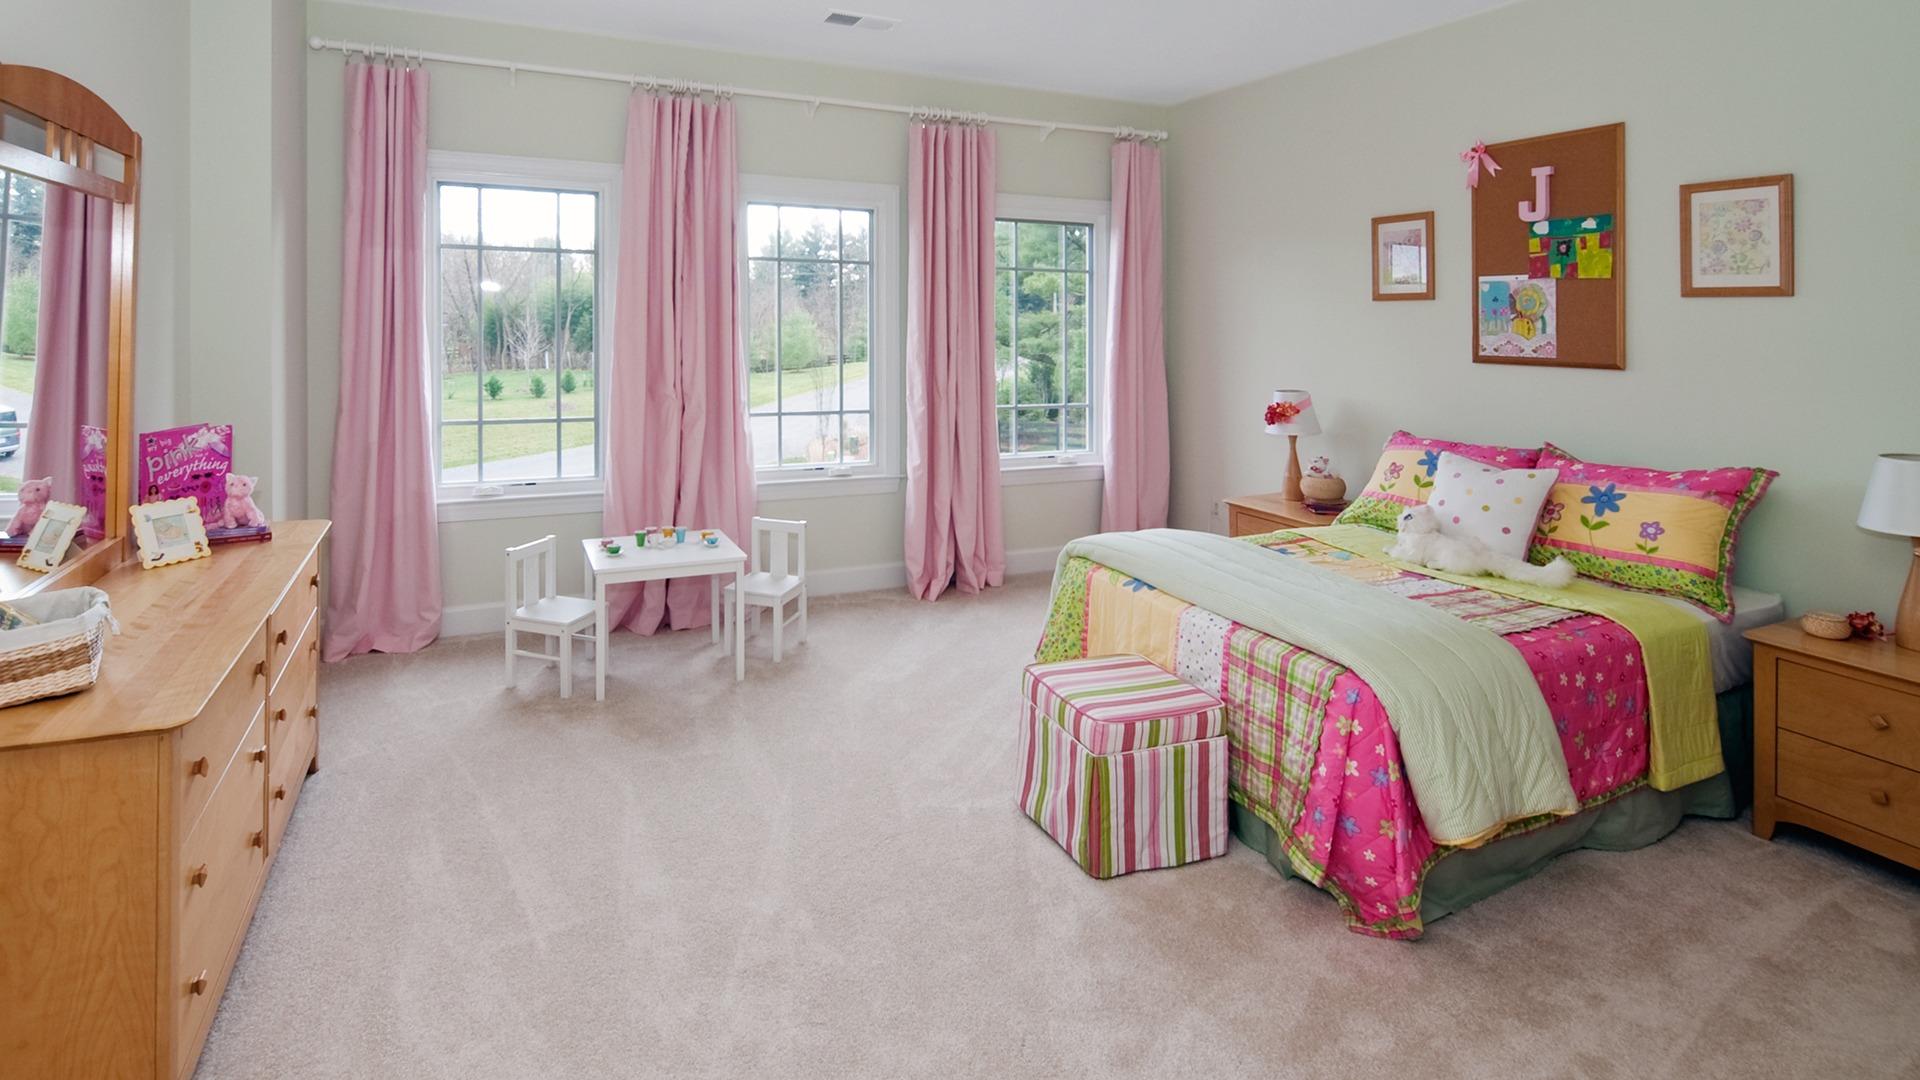 Grovemont Winthrop - Bedroom 3